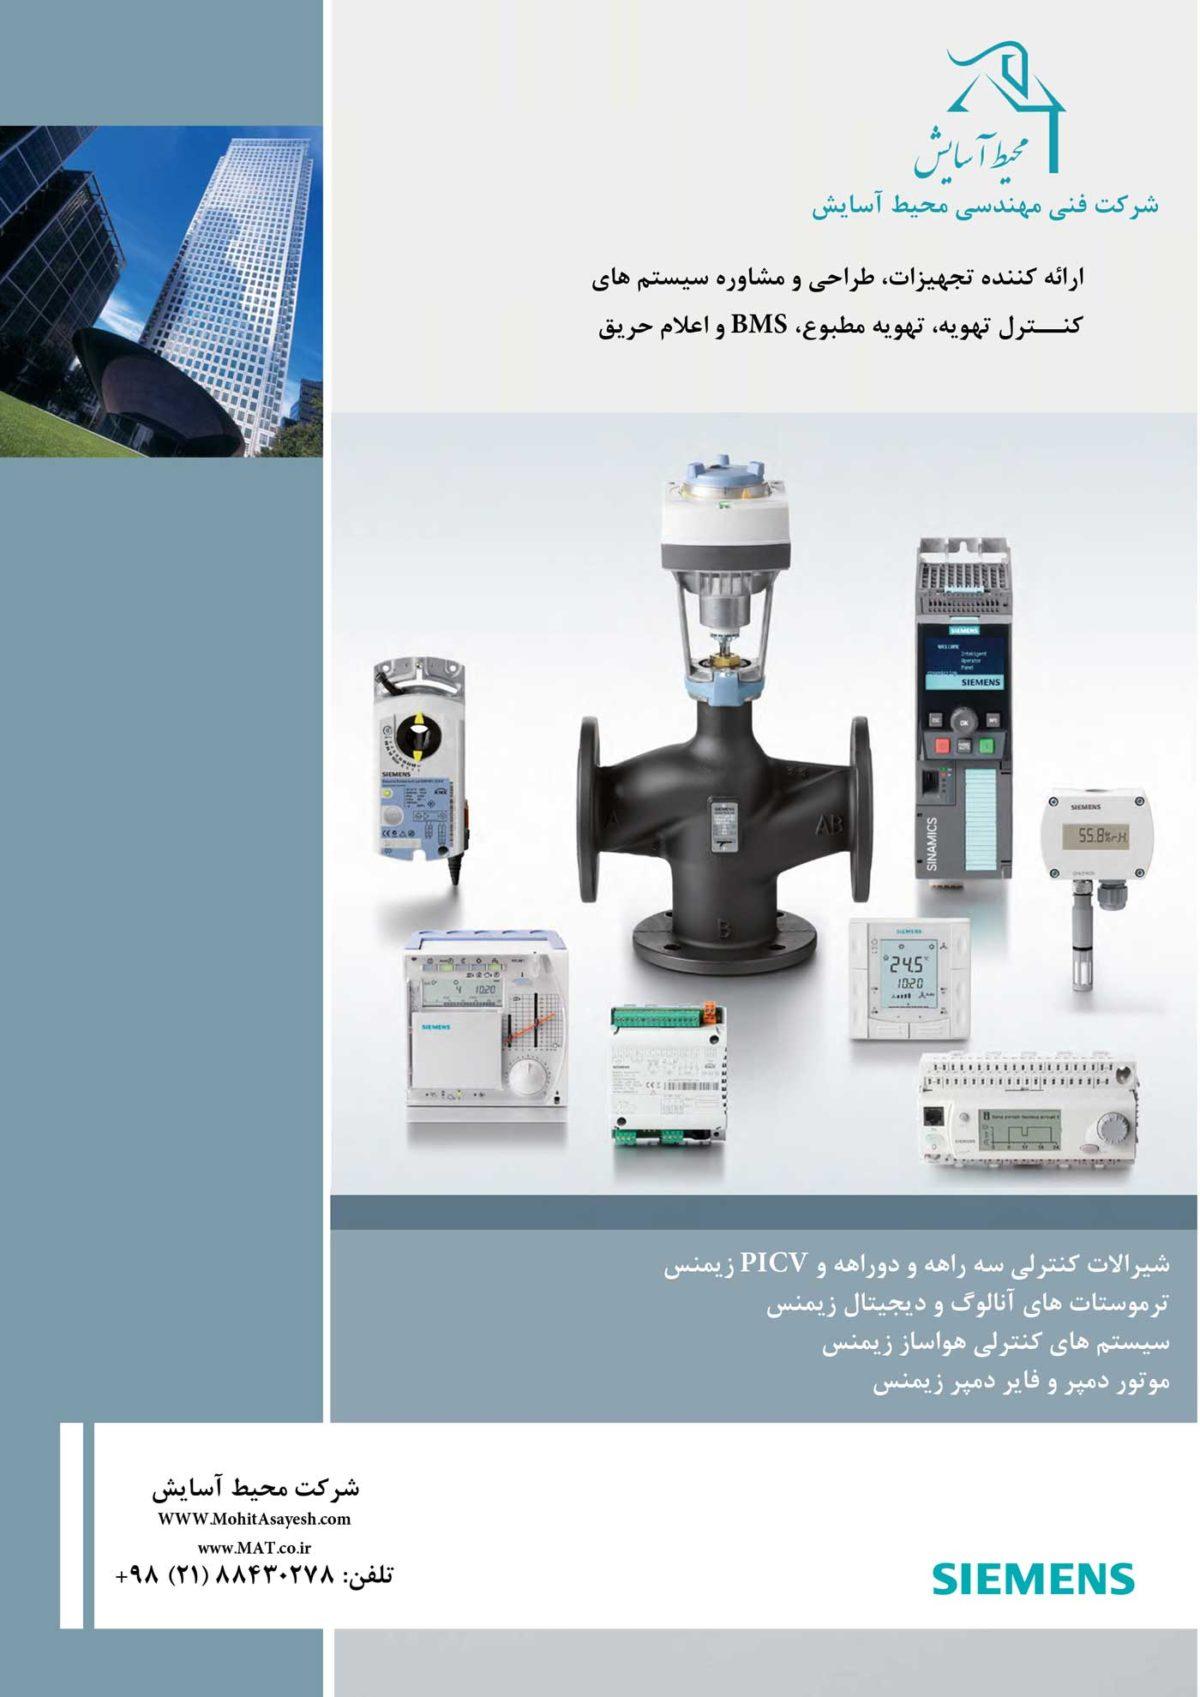 موتور دمپر ترموستات اتاقی و شیر کنترل سه راه